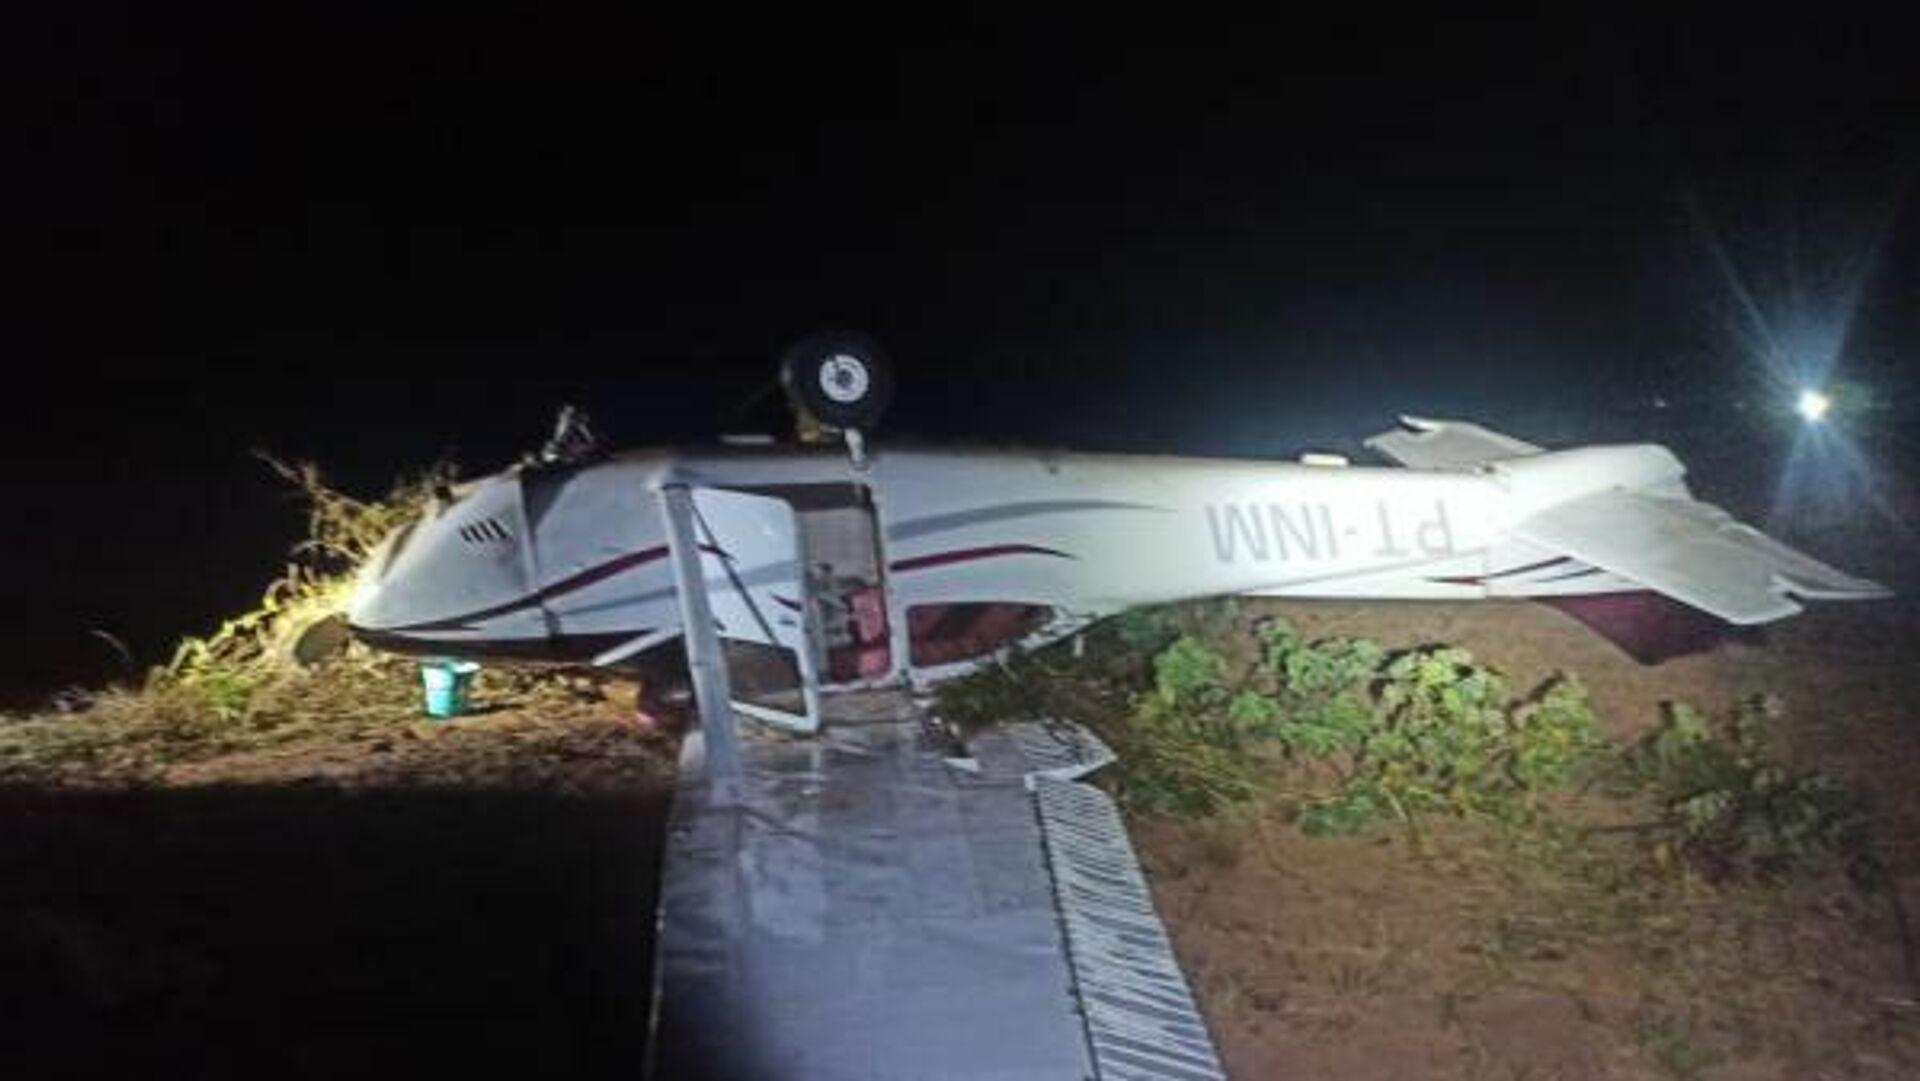 La Fuerza Aérea Brasileña derriba una aeronave hostil que invadió el espacio aéreo del país - Sputnik Mundo, 1920, 09.09.2021